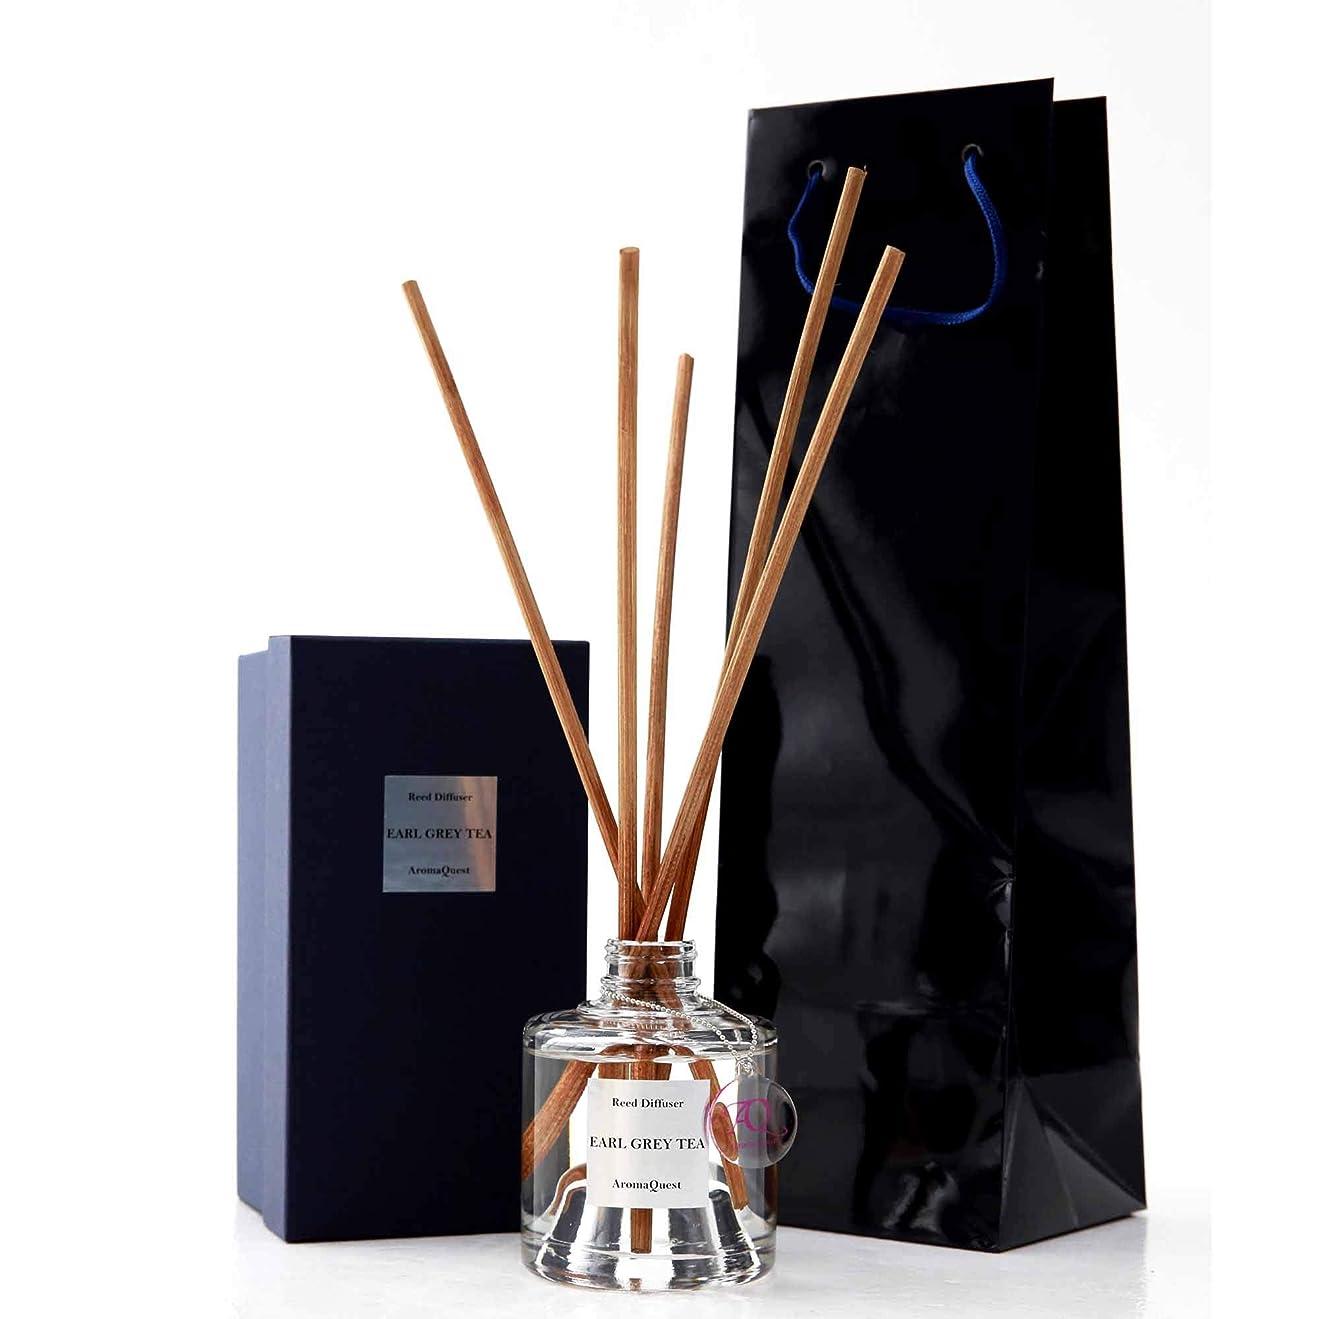 防衛境界省ルームフレグランス リードディフューザー アロマディフューザー 150ml アールグレイティー EARL GREY TEA 紅茶の香り